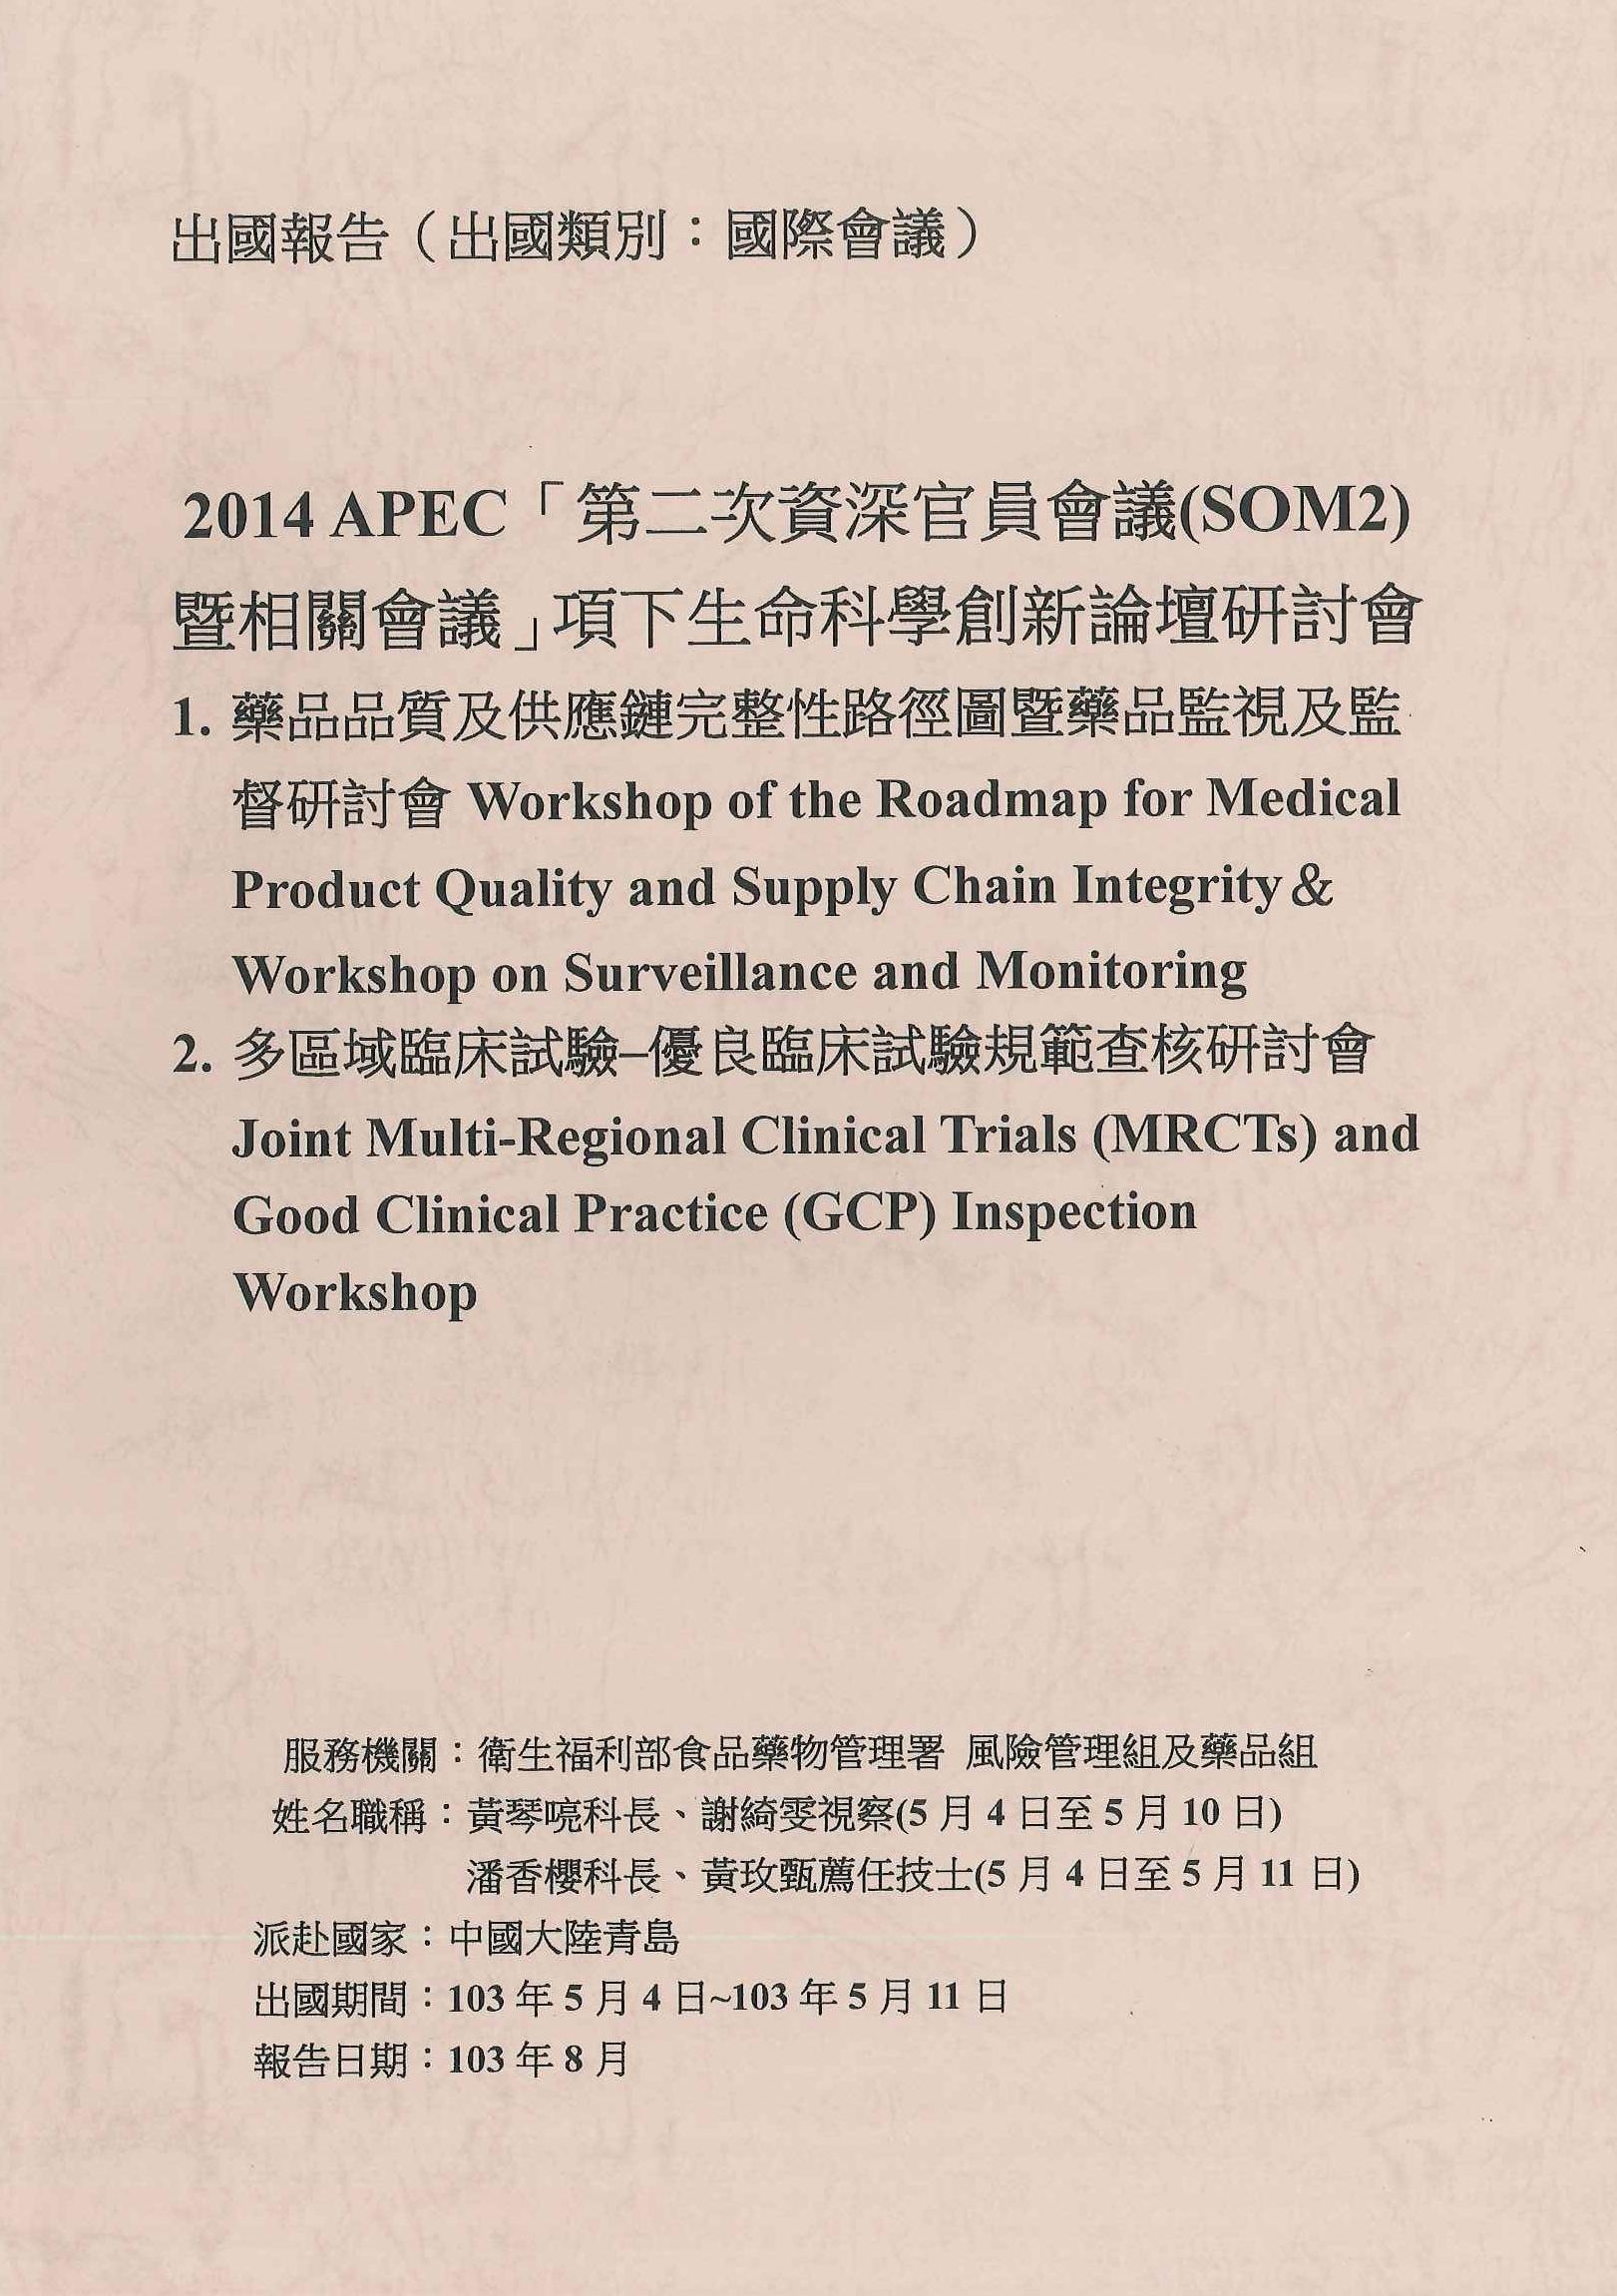 2014 APEC「第二次資深官員會議(SOM2)暨相關會議」項下生命科學創新論壇研討會:藥品品質及供應鏈完整性路徑圖暨藥品監視及監督研討會:多區域臨床試驗-優良臨床試驗規範查核研討會